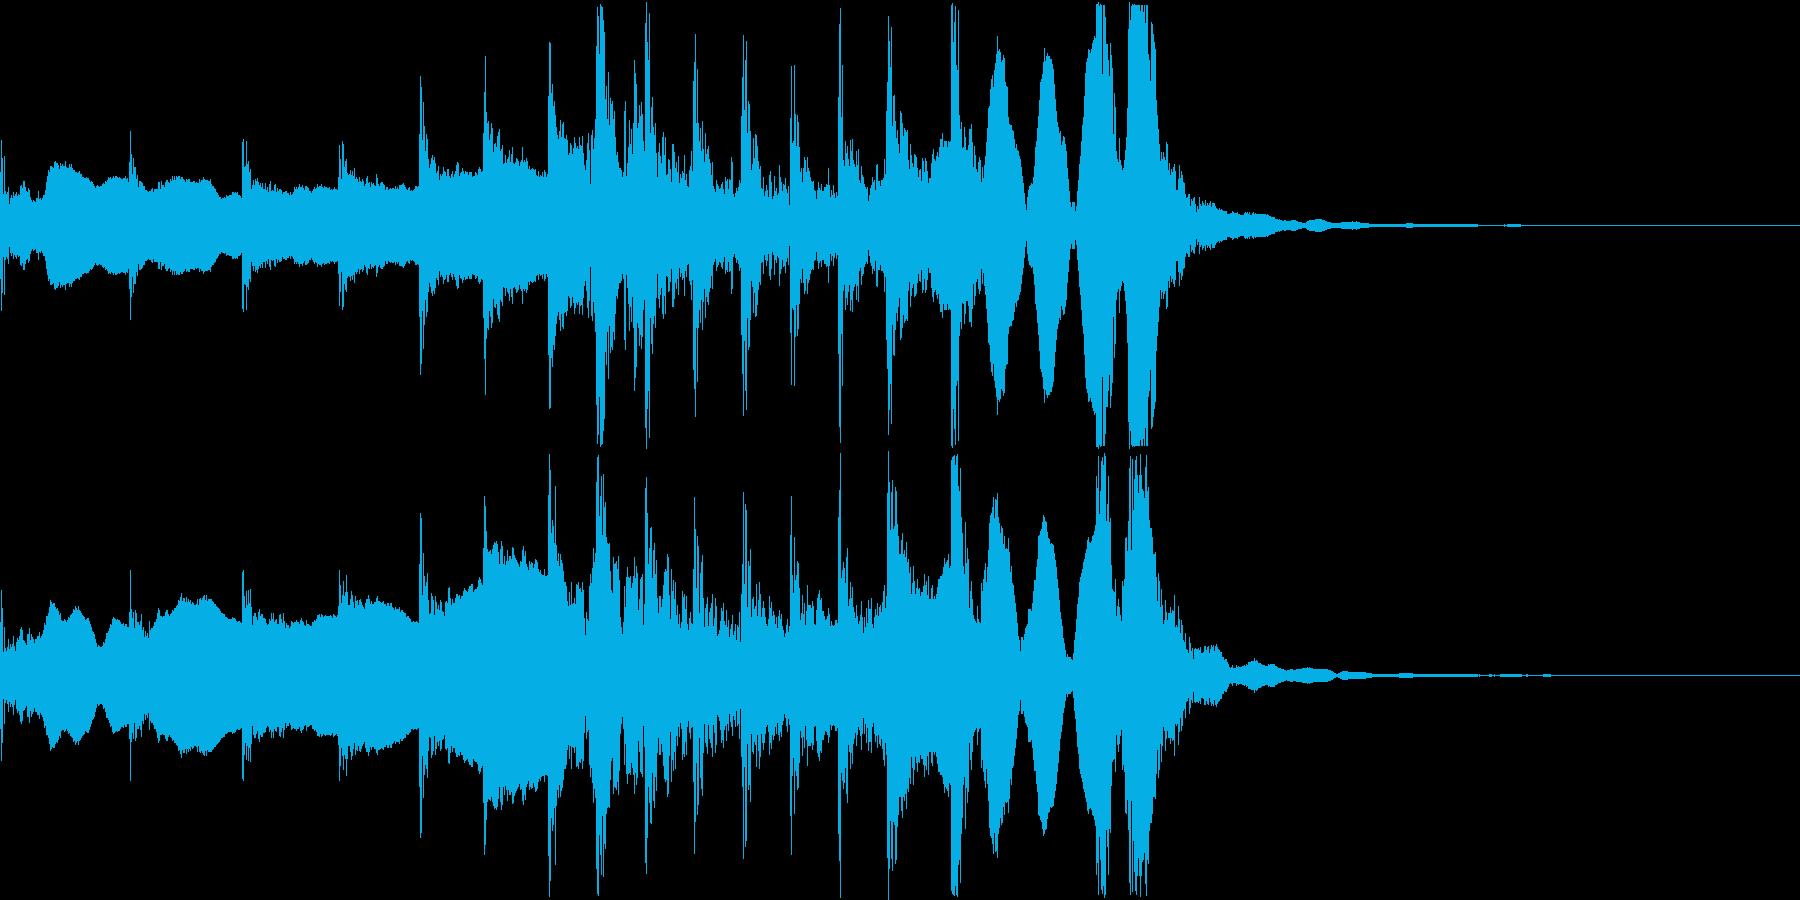 和風ジングル7秒(尺八、拍子木、三味線)の再生済みの波形